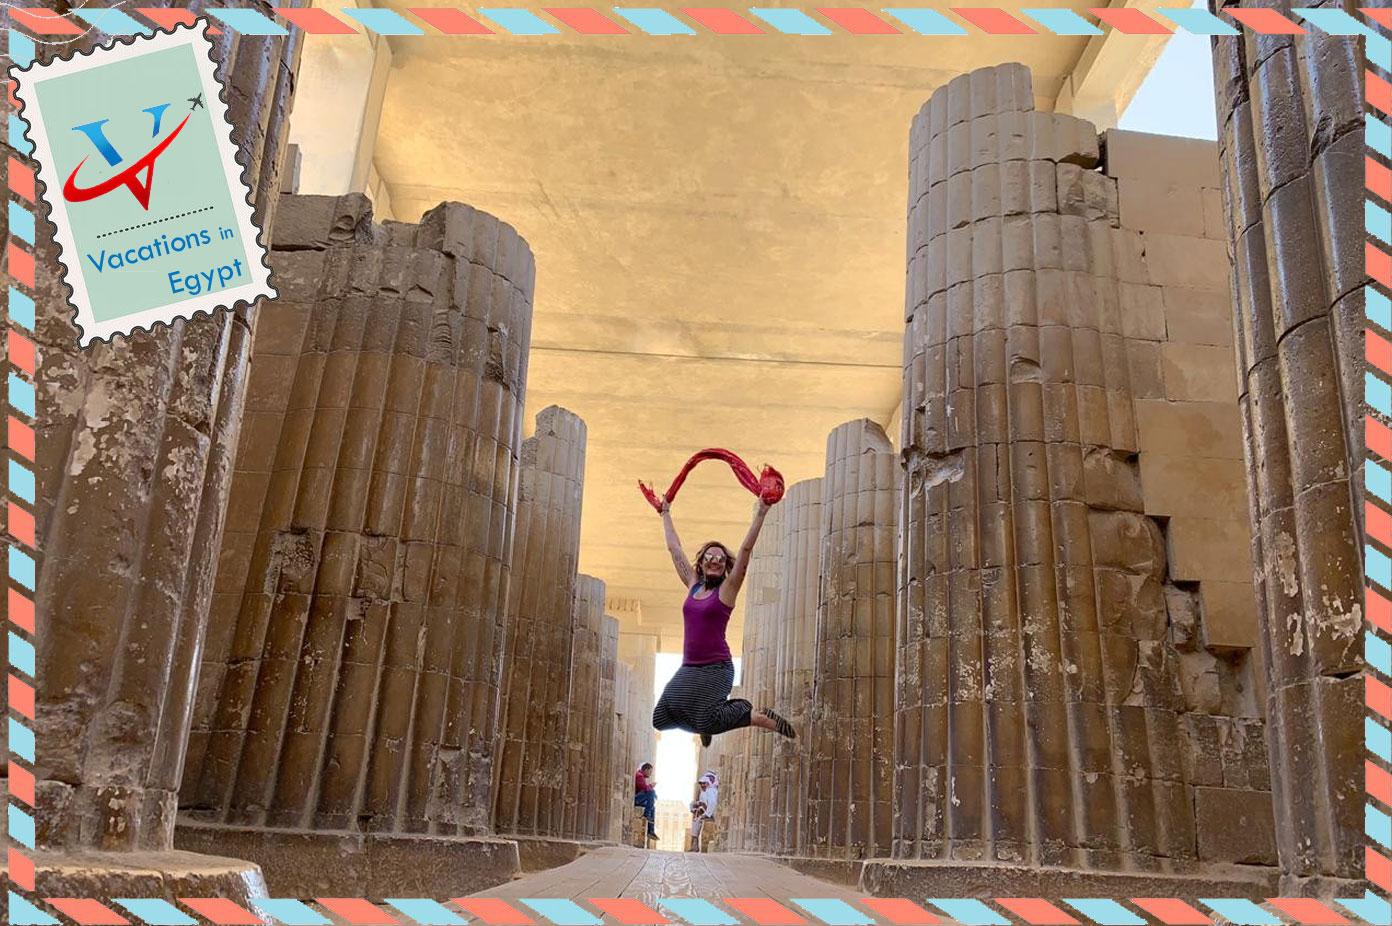 Pyramids of Egypt tour